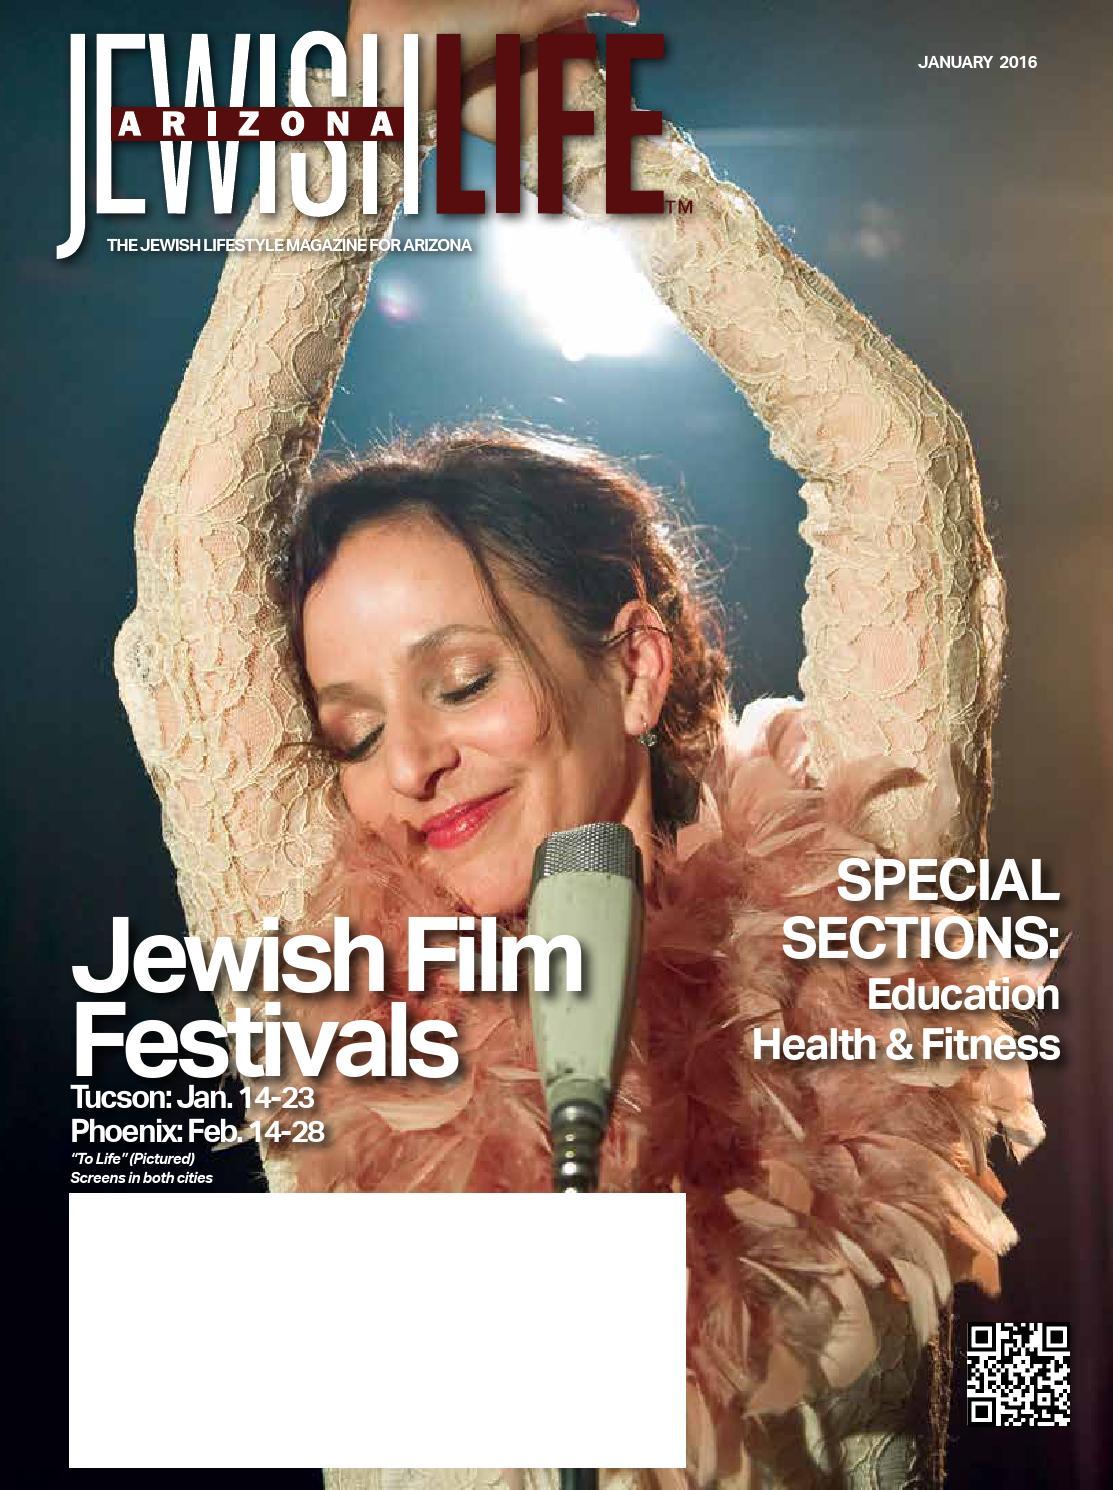 Arizona Jewish Life January 2016 Vol 4 Issue 4 By